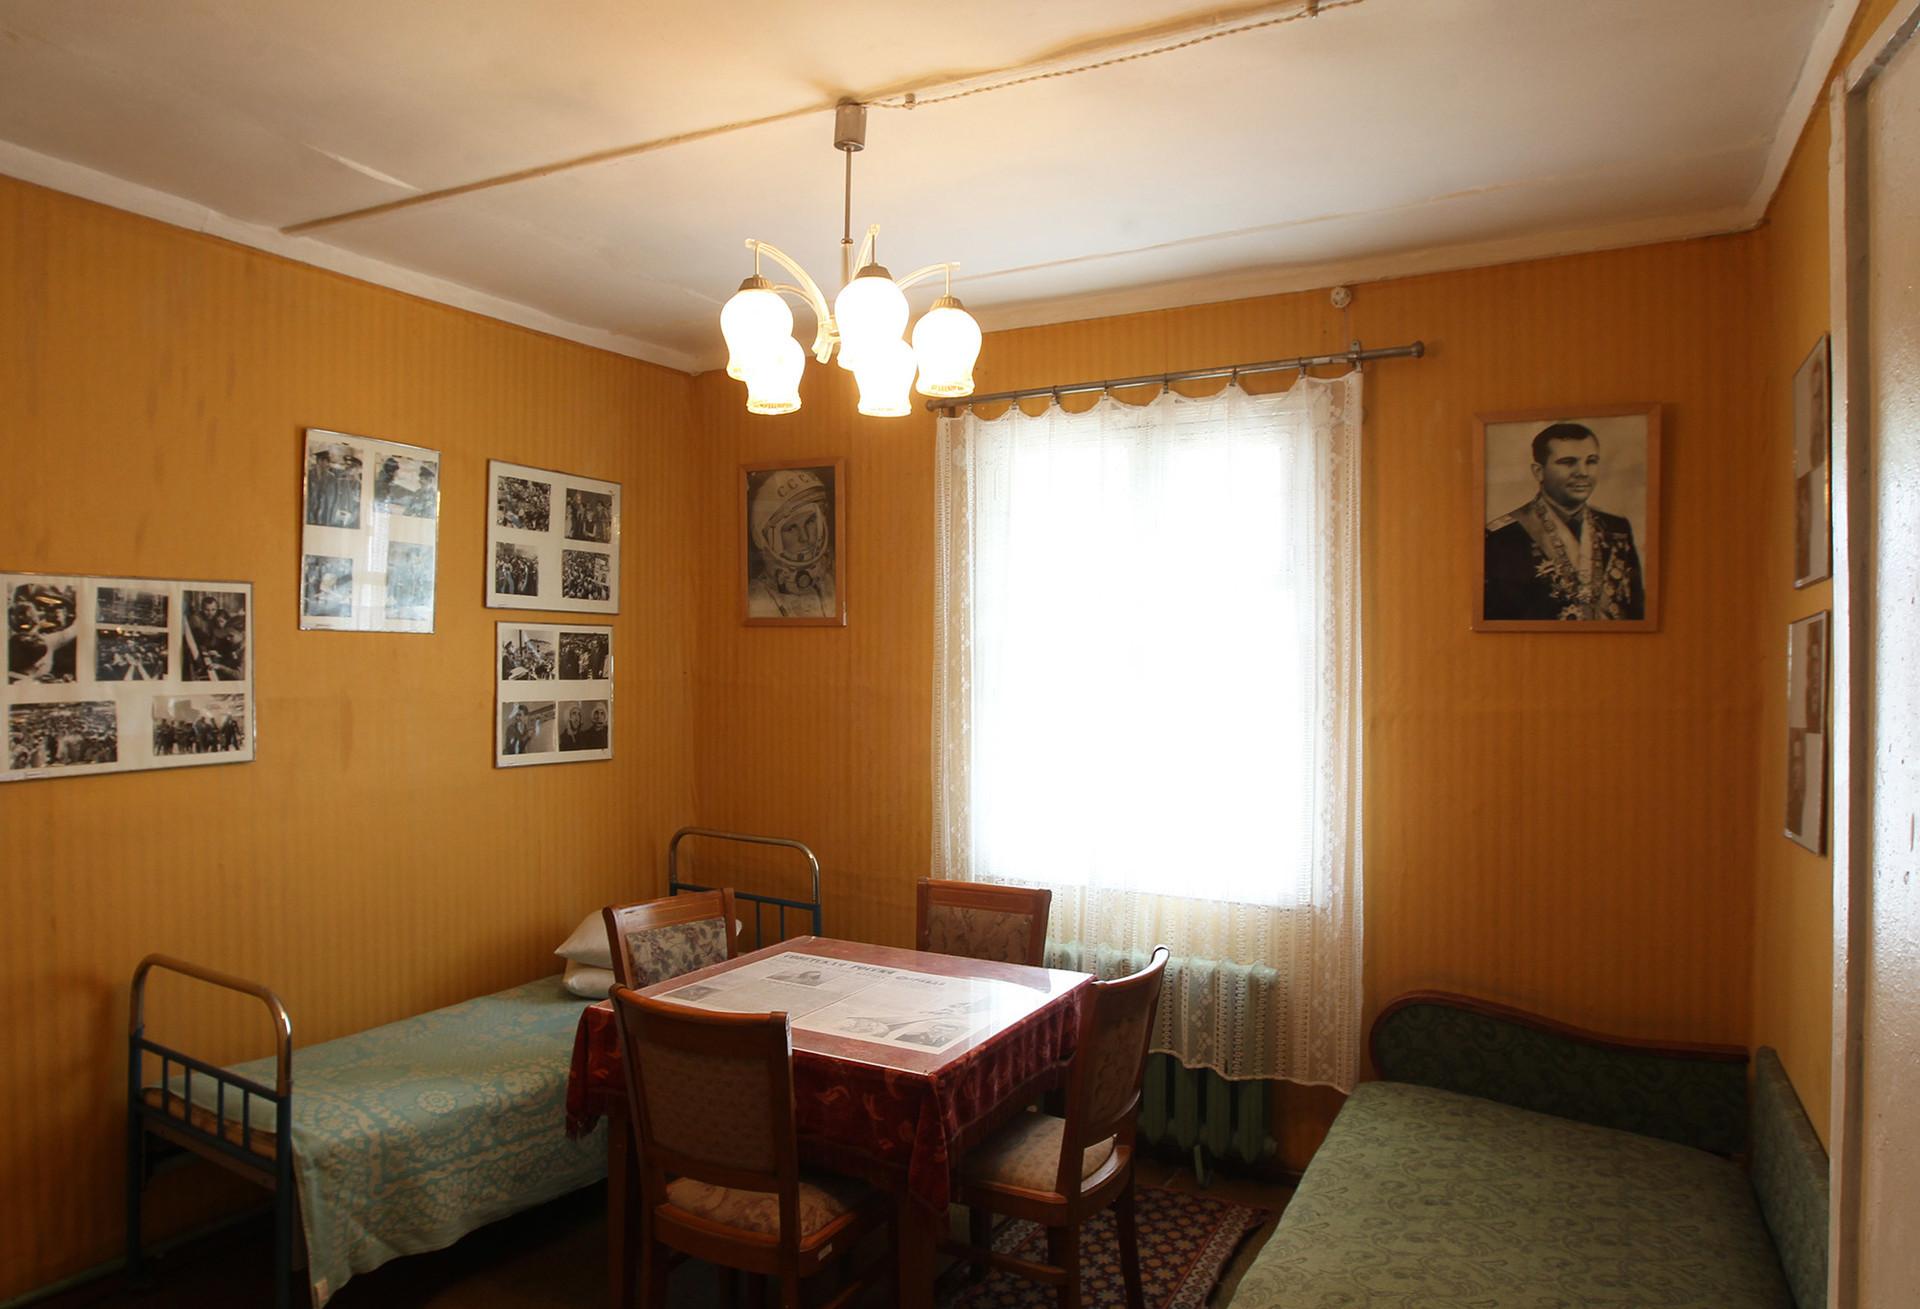 Intérieur de la maison de Iouri Gagarine, partie de l'exposition du musée du cosmodrome de Baïkonour